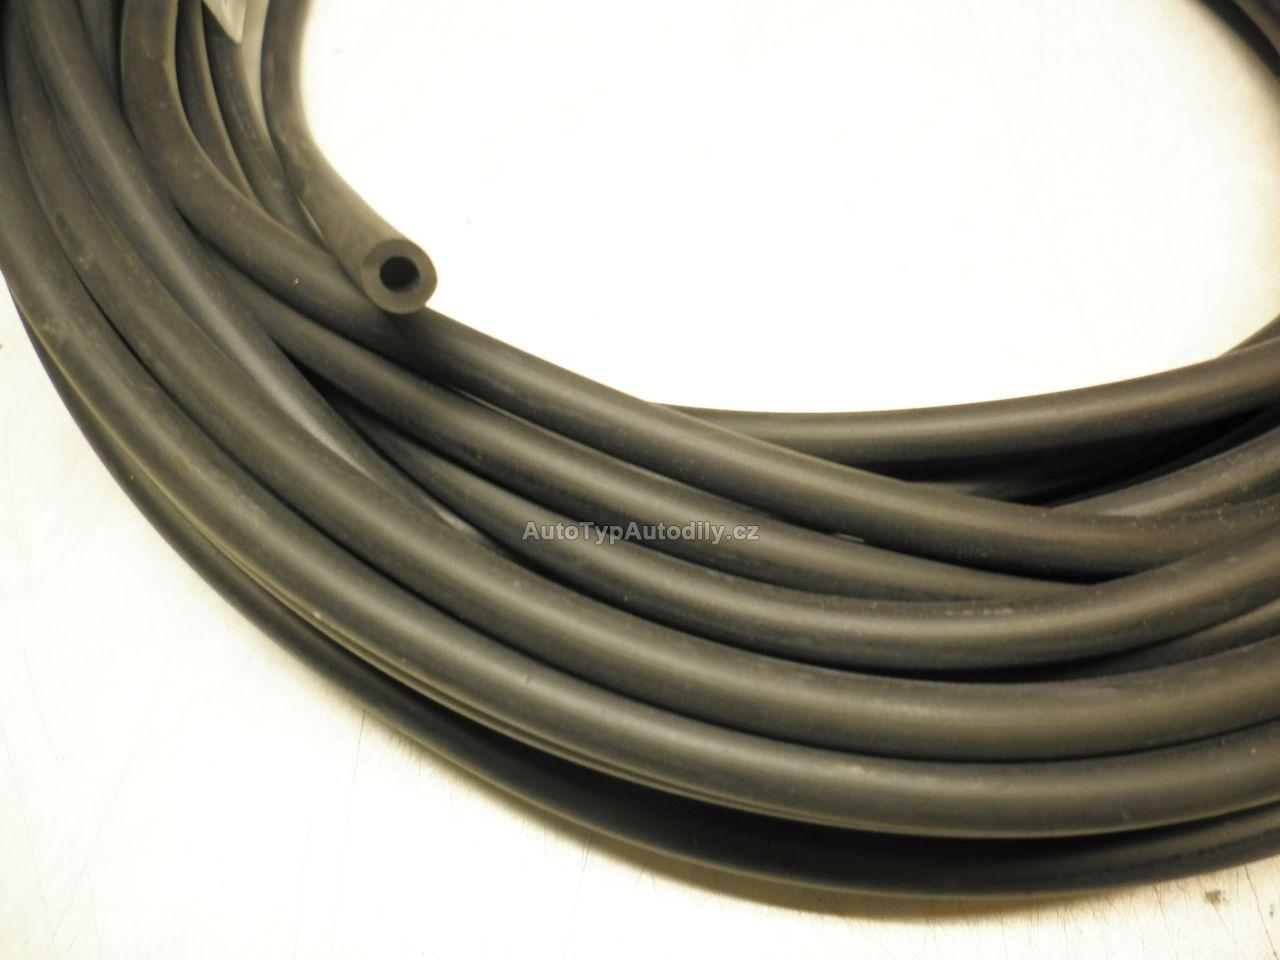 Hadička ostřikovače gumová černá gumová 3,5x7mm : 930403242 CZ